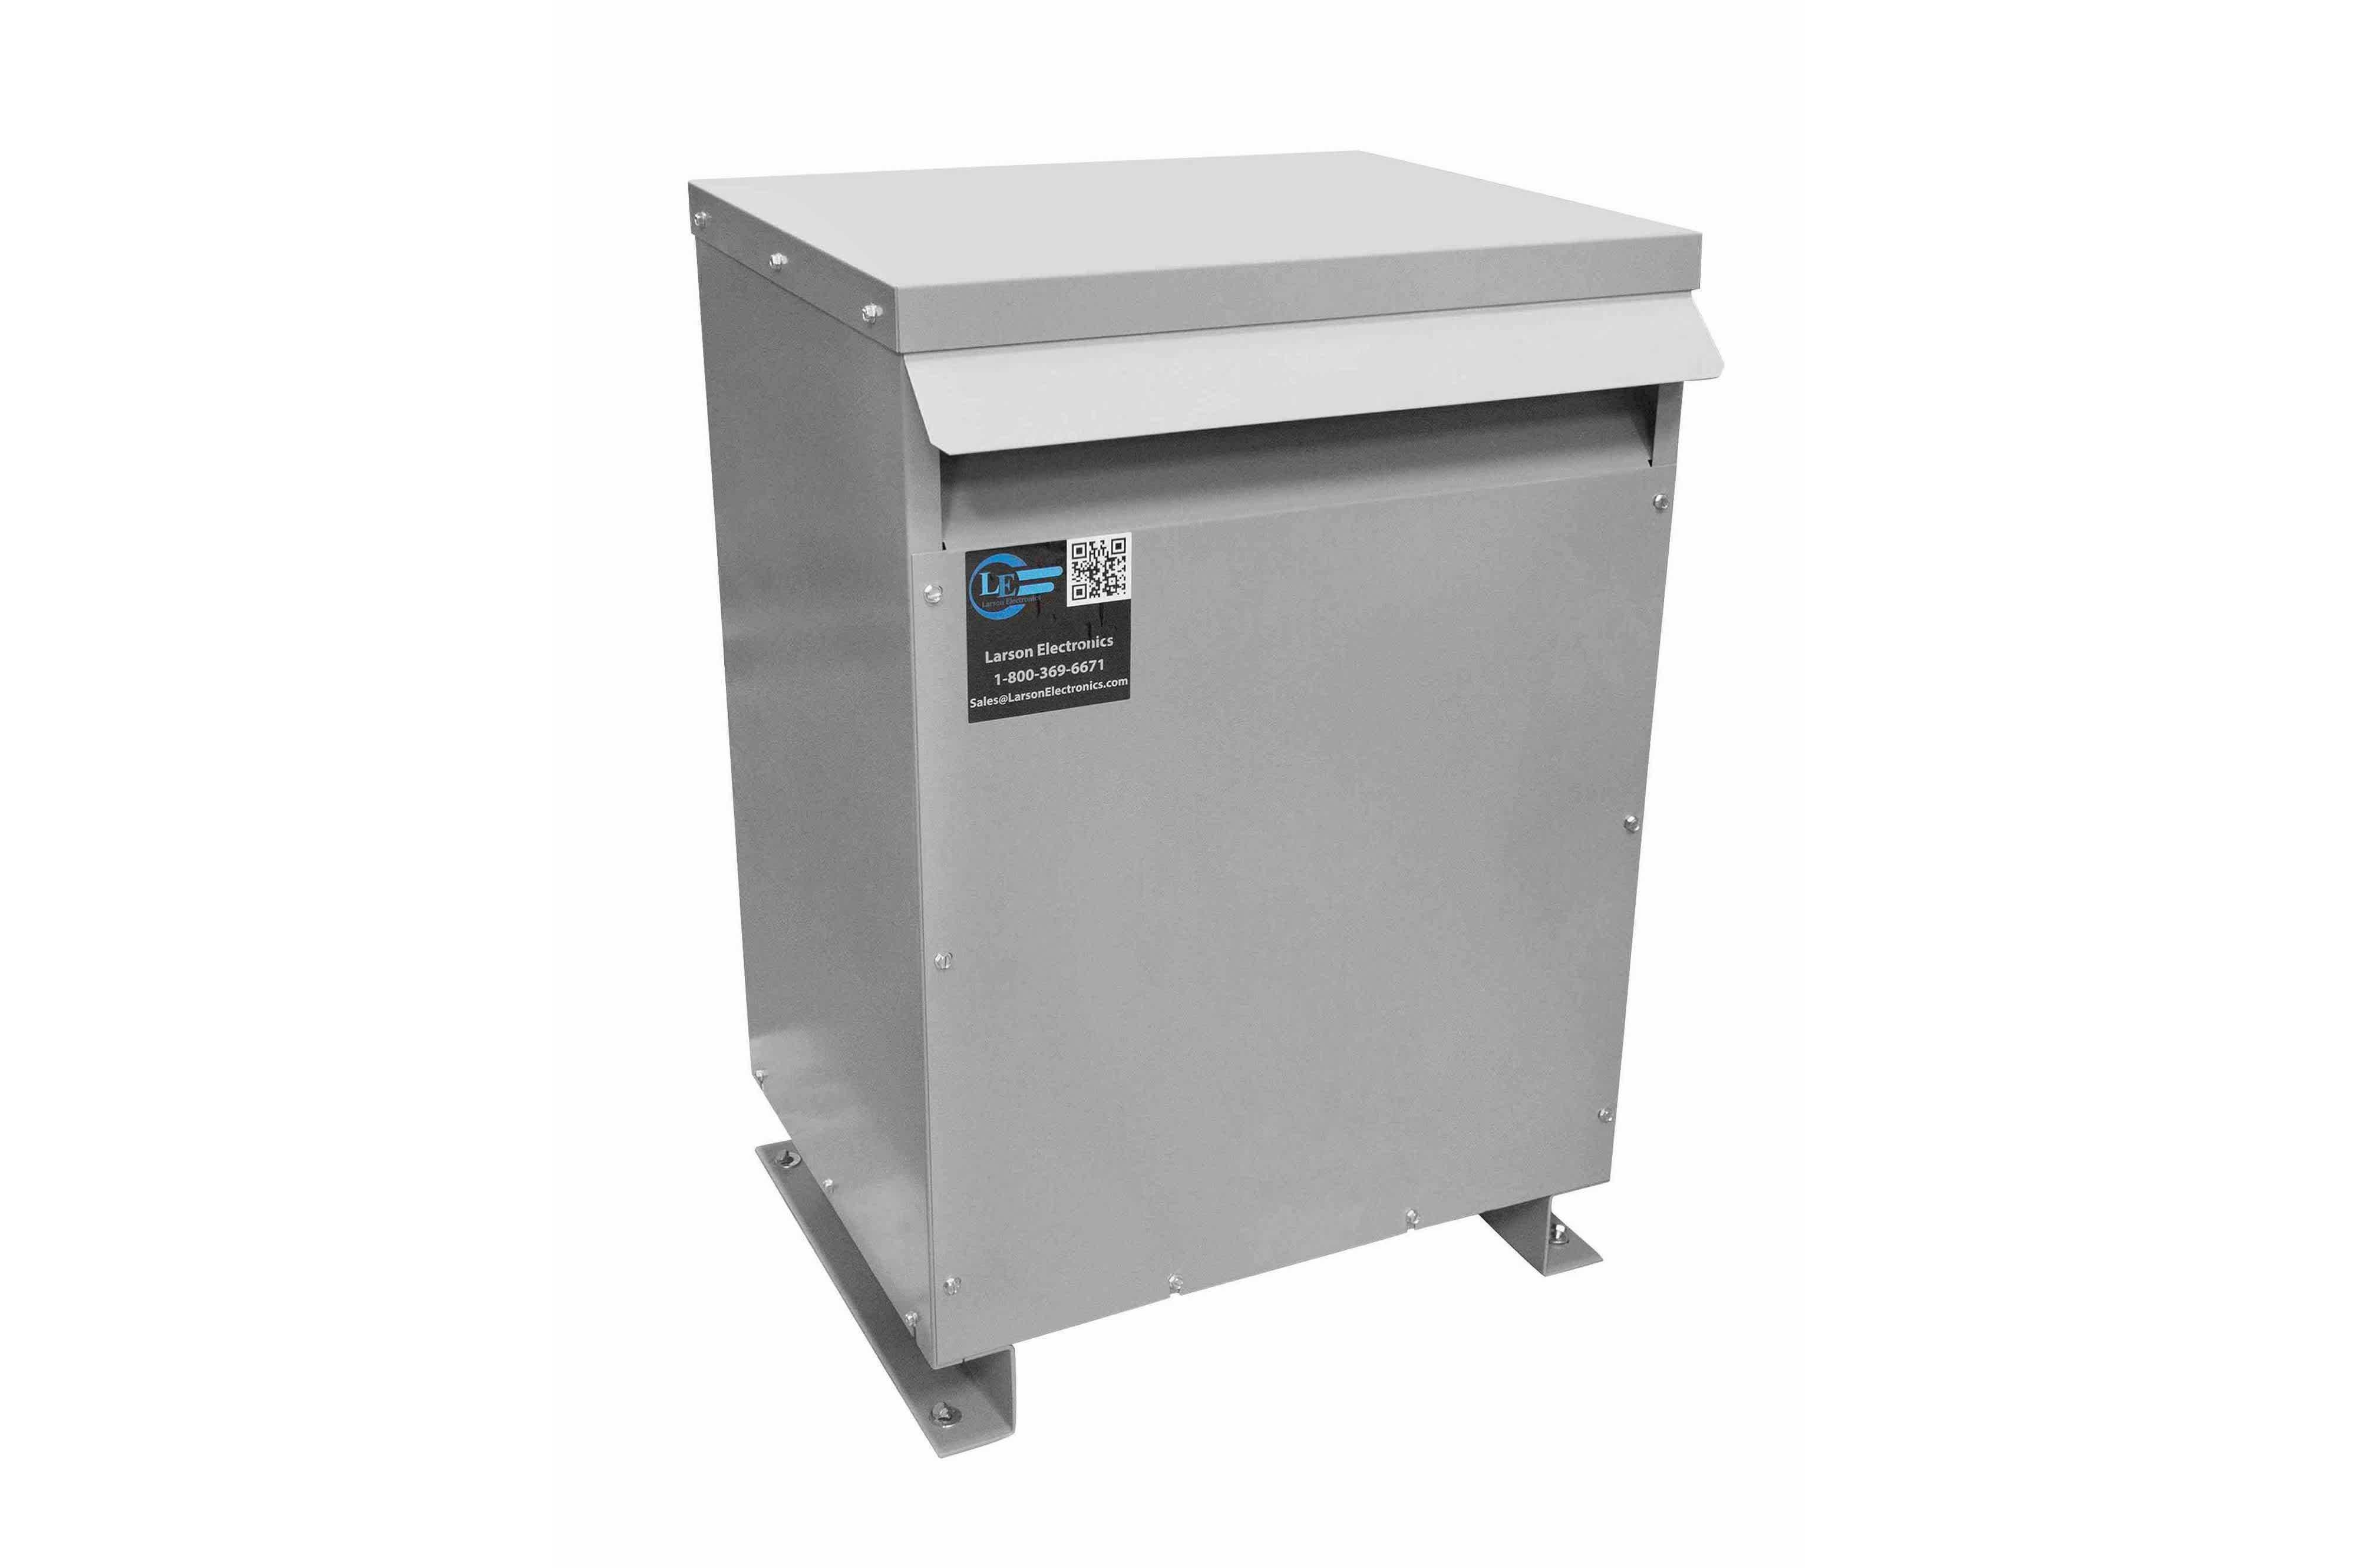 15 kVA 3PH Isolation Transformer, 240V Delta Primary, 415V Delta Secondary, N3R, Ventilated, 60 Hz